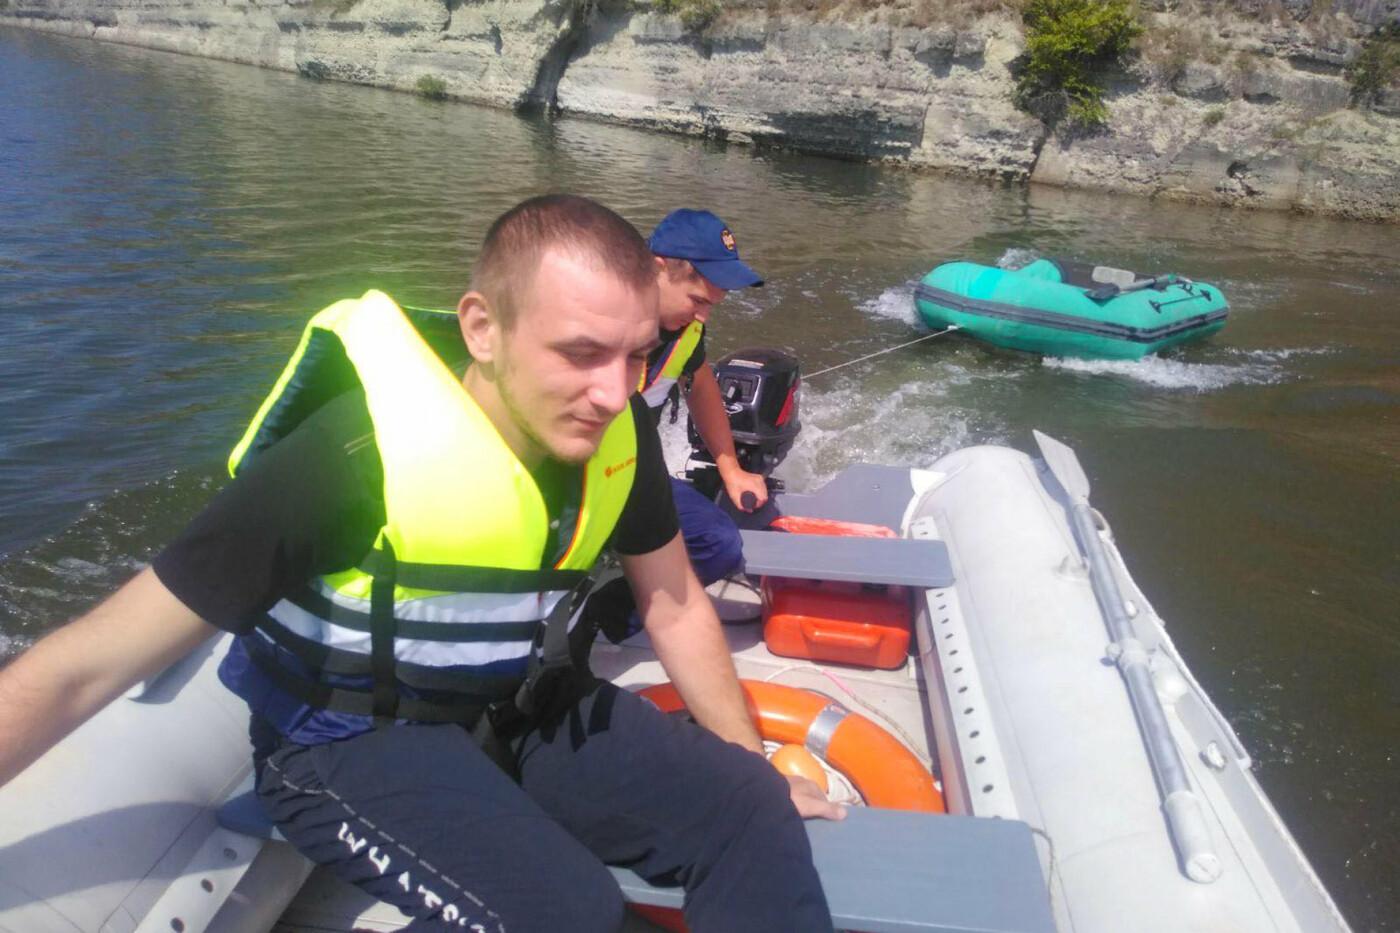 На Дністрі врятували 26-річного чоловіка, фото-1, Фото: ГУ ДСНС України у Хмельницькій області